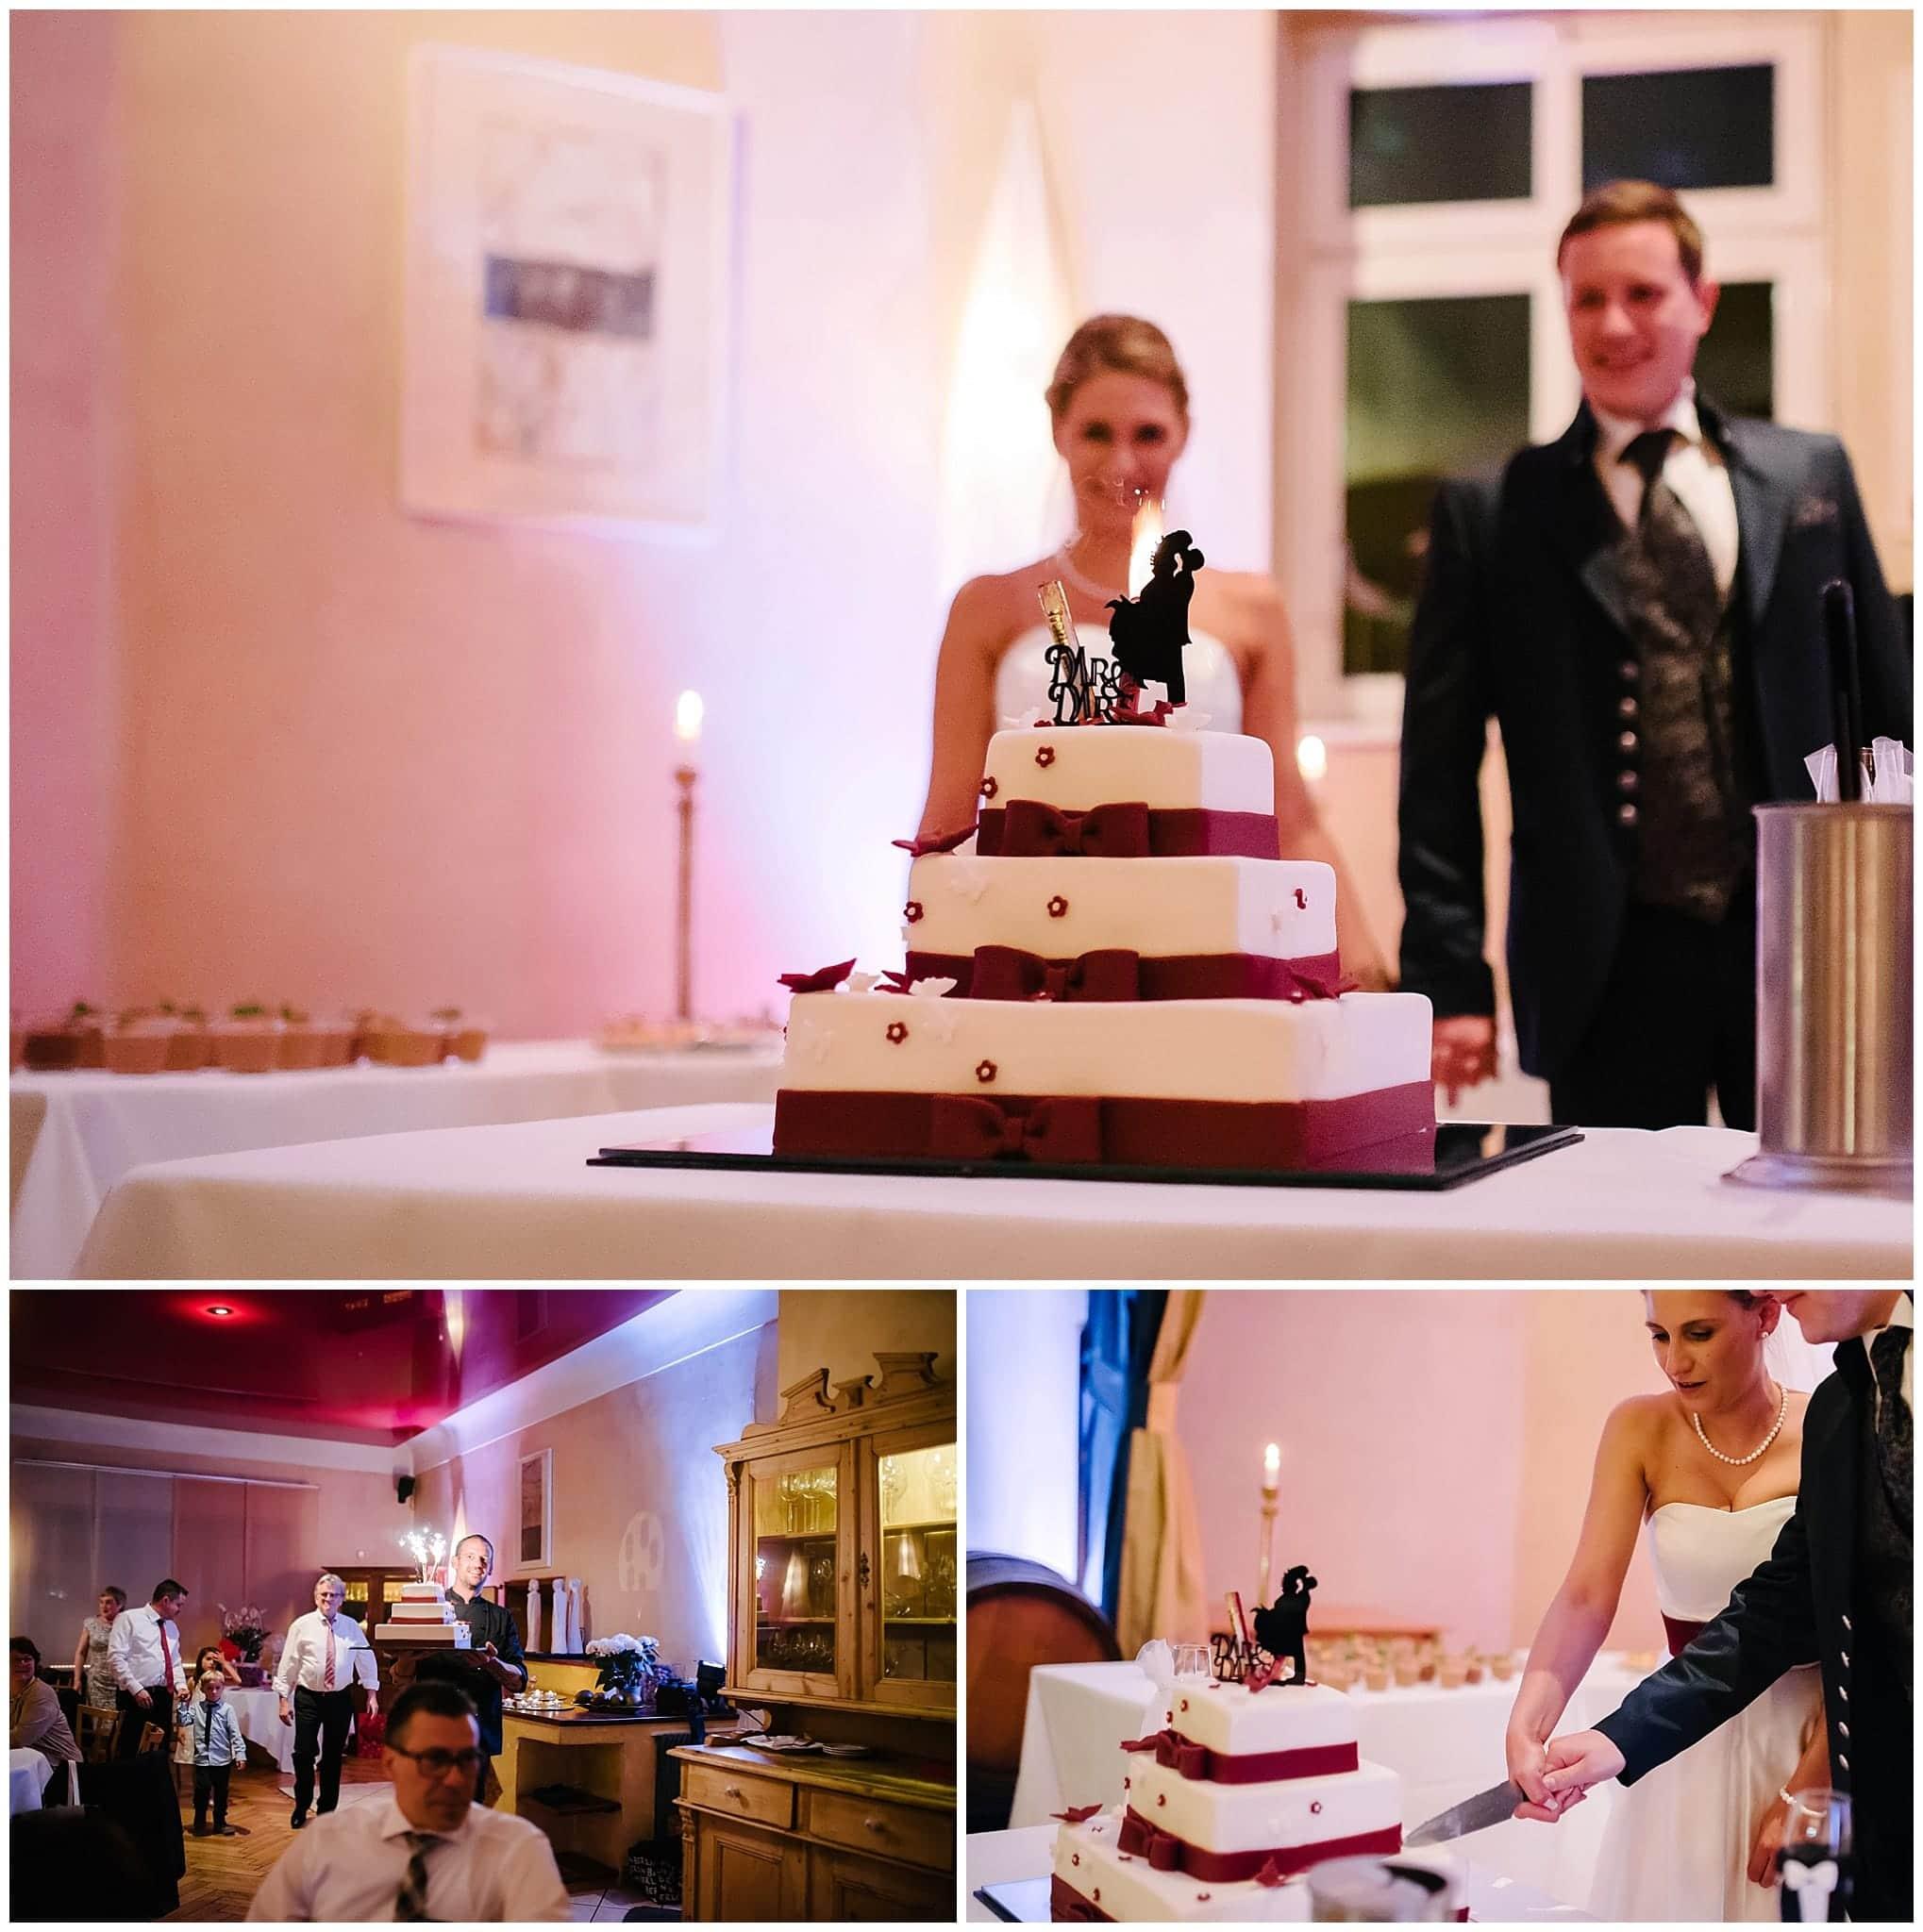 MaMa Wedding Sonja und Jens Hochzeitsfotografie Heidelberg29